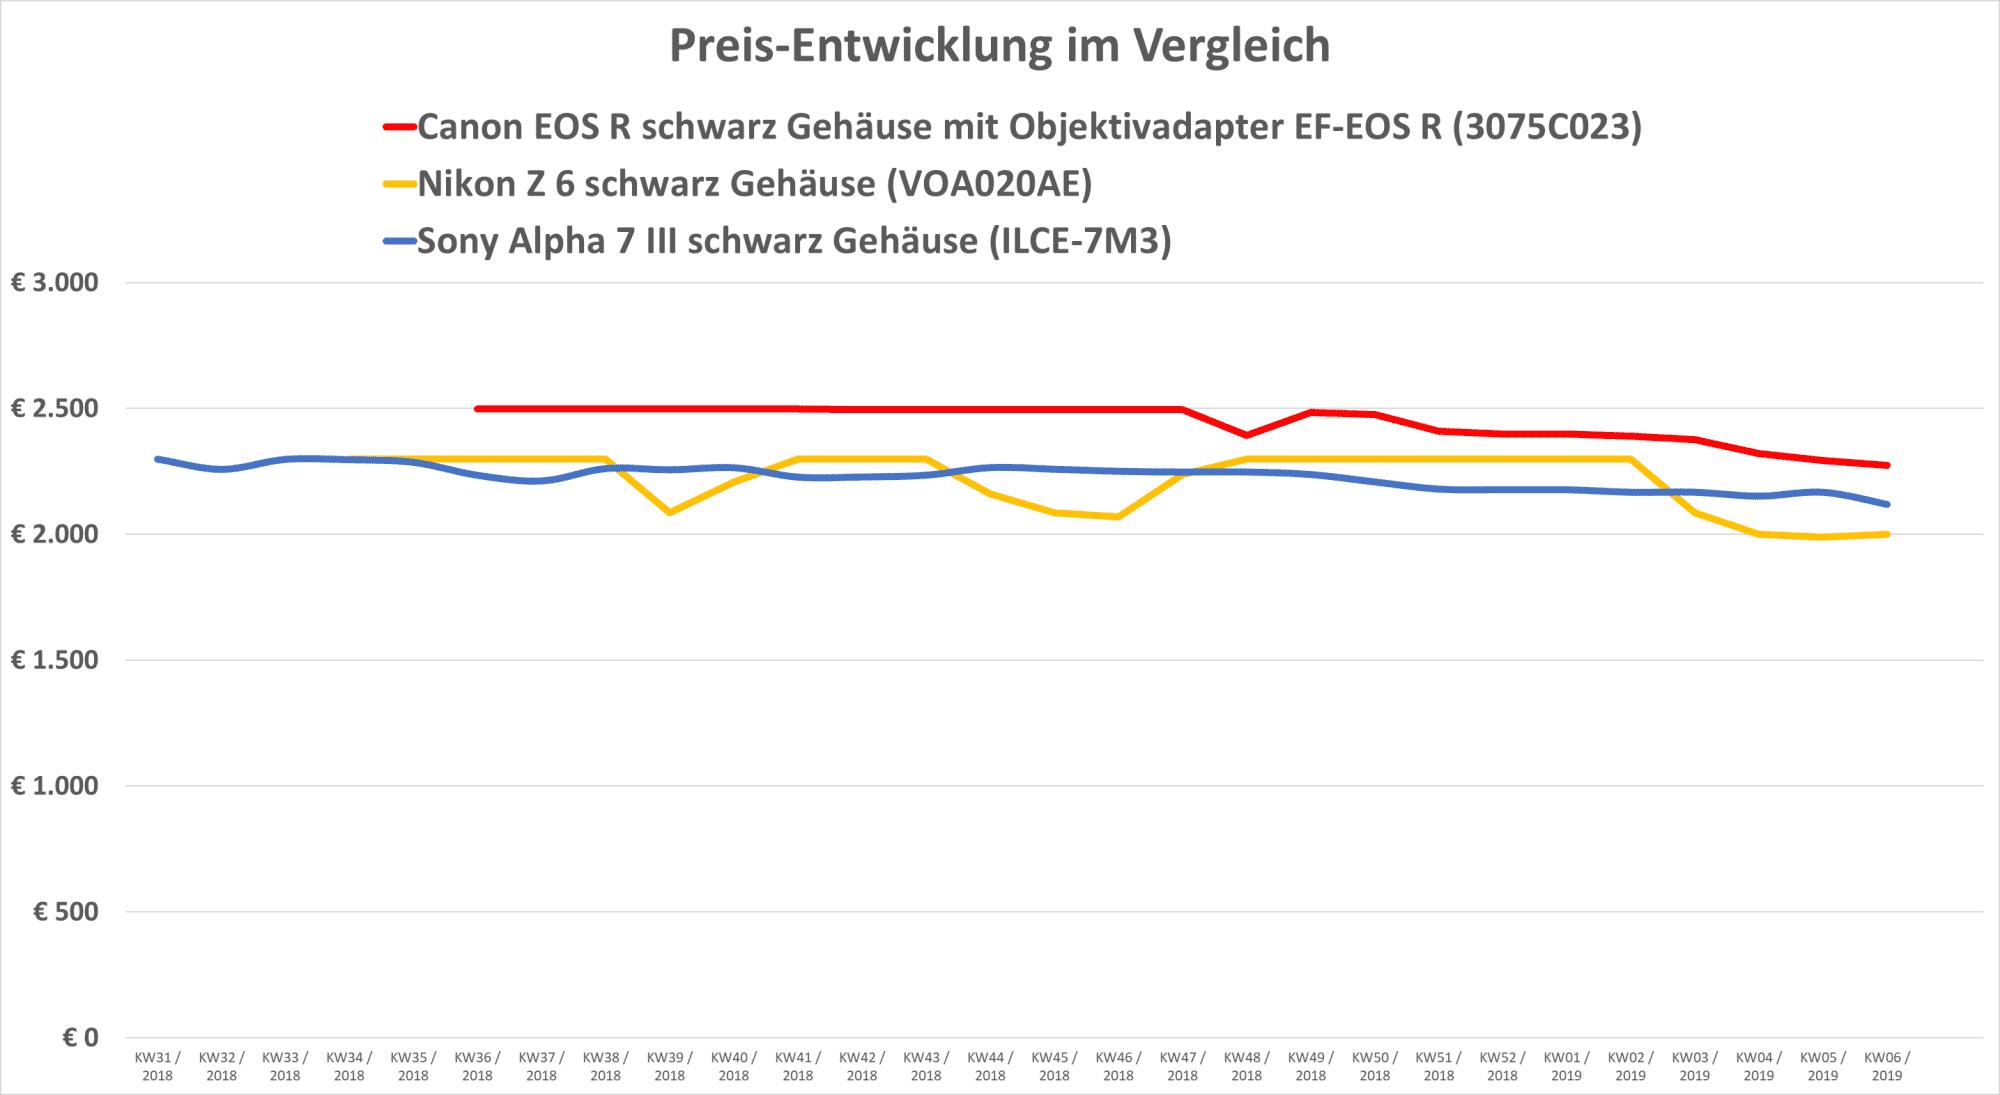 Während sich die Preise von EOS R (samt Adapter) und Sony A7 III vergleichsweise stabil halten, machte  die Nikon Z6 in den letzten Monaten stärkere Schwankungen durch.